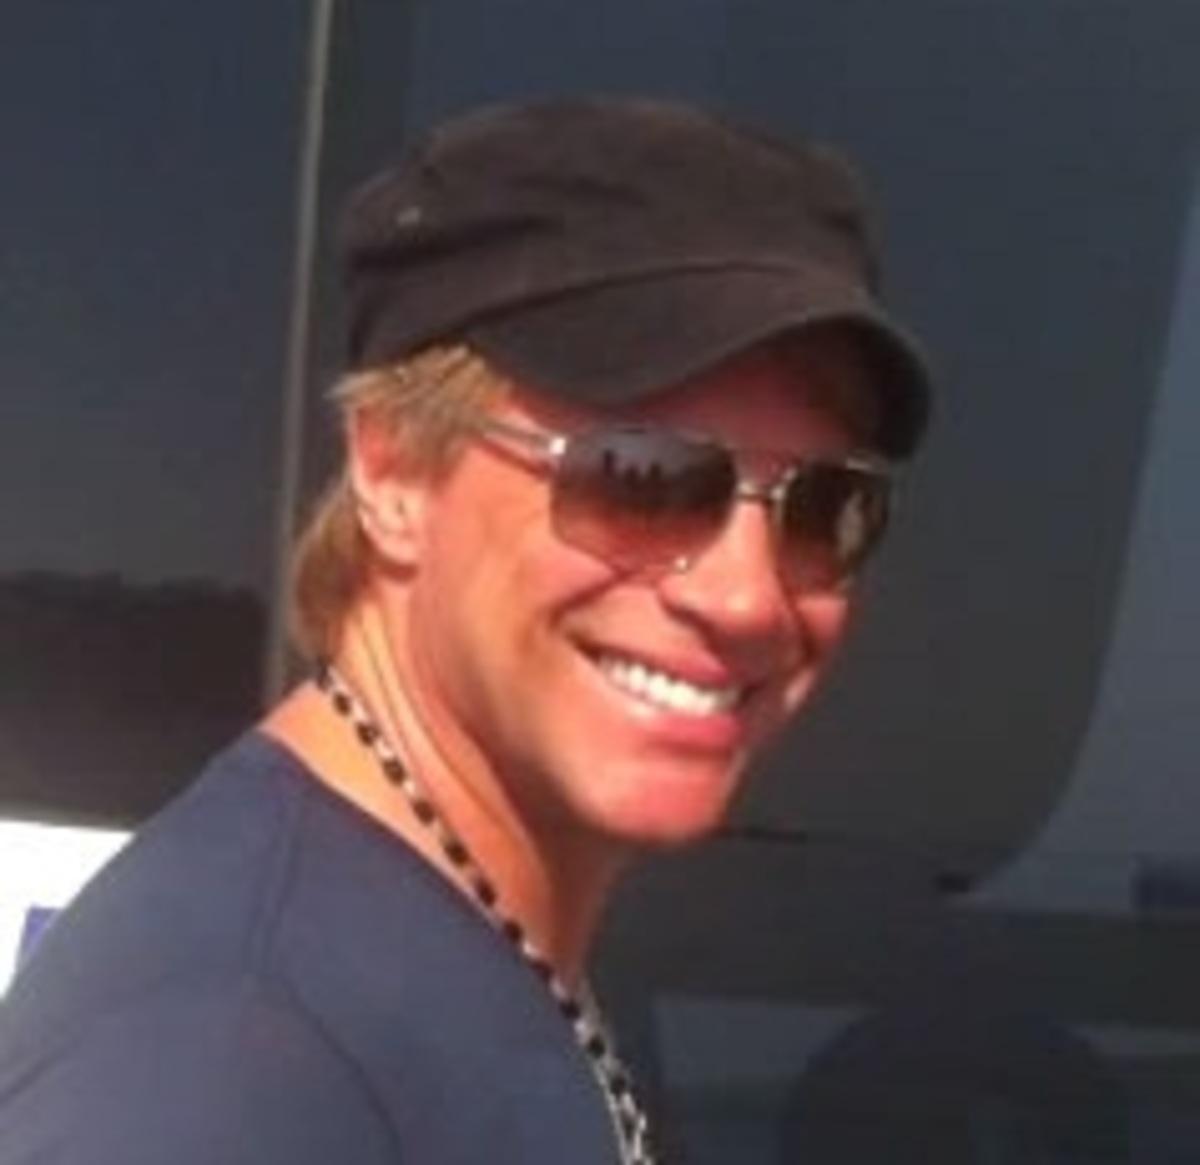 Κέρκυρα:Οι χλιδάτες διακοπές του Jon Bon Jovi -Δείτε το βίντεο! | Newsit.gr